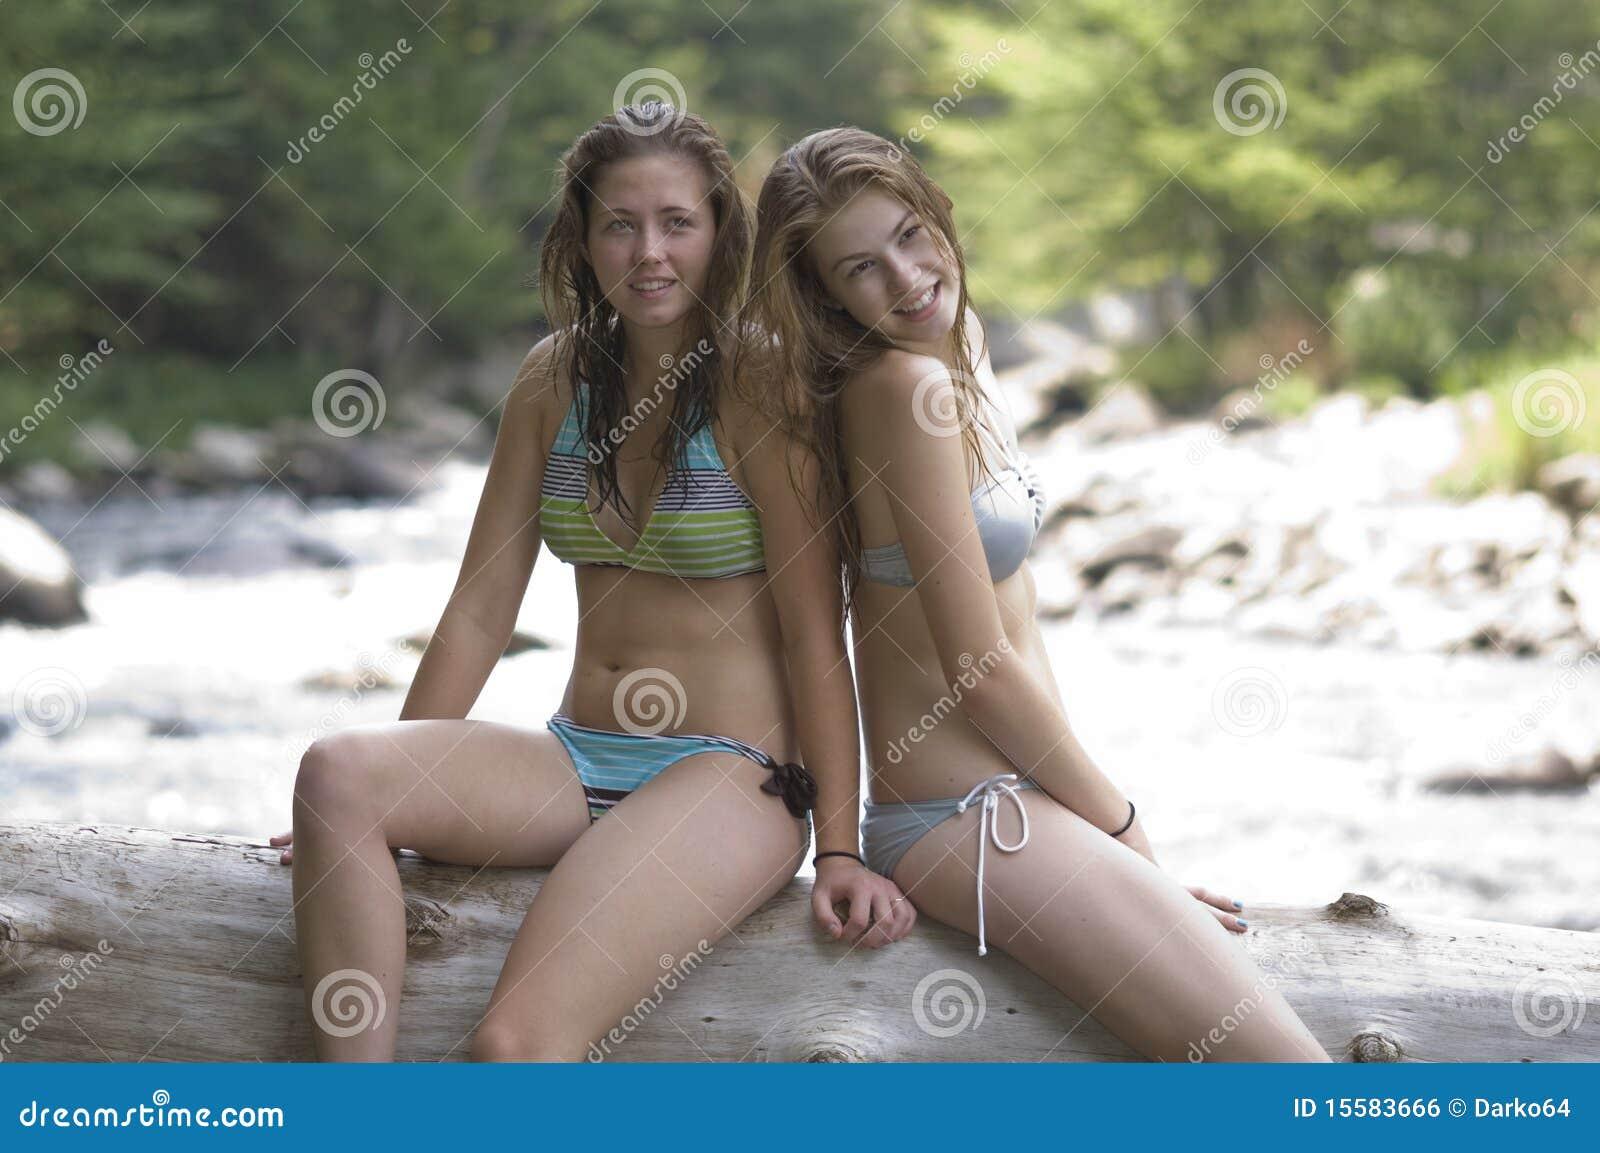 Girls wasser sexy spielen im